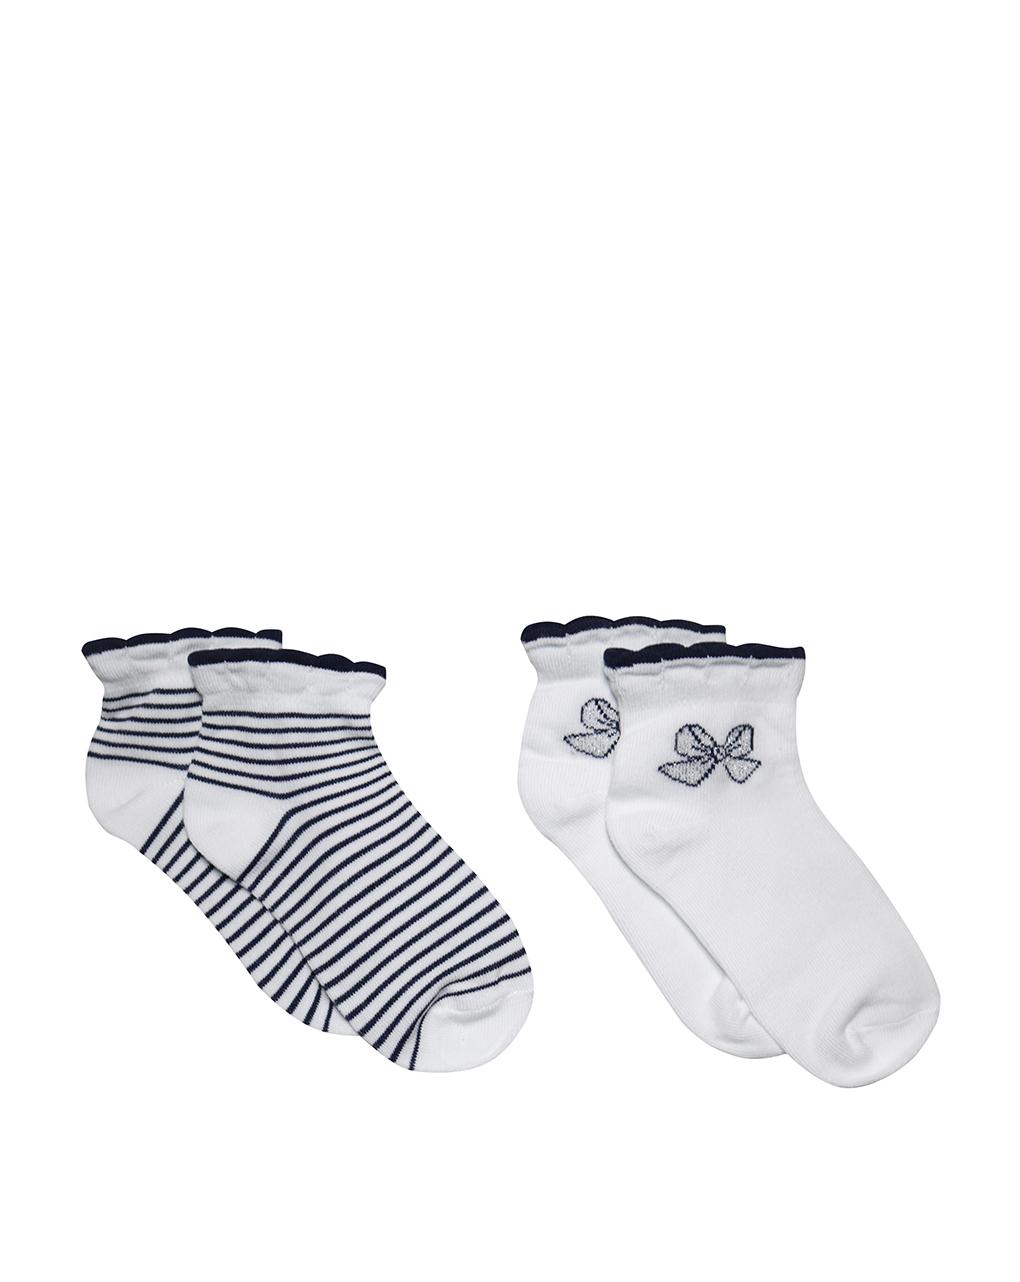 Κάλτσες Κοντές Ριγέ Πακέτο Χ2 για Κορίτσι